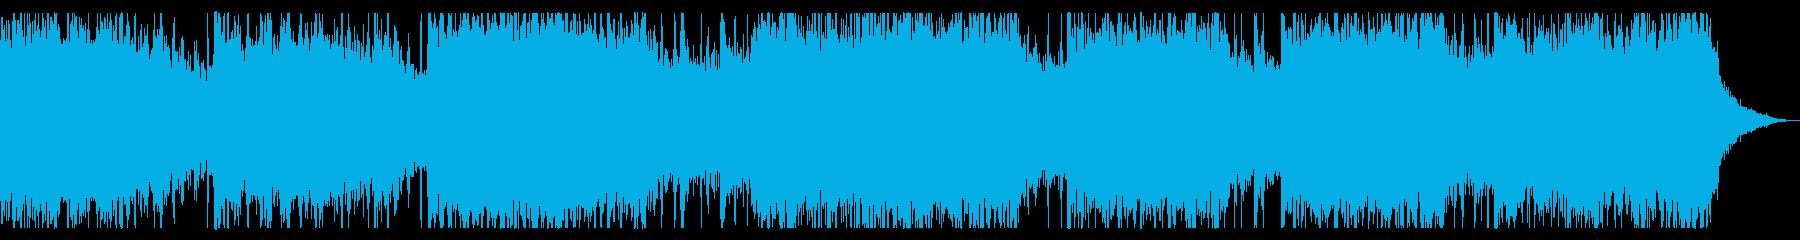 パーカッション入りミステリアスなBGMの再生済みの波形